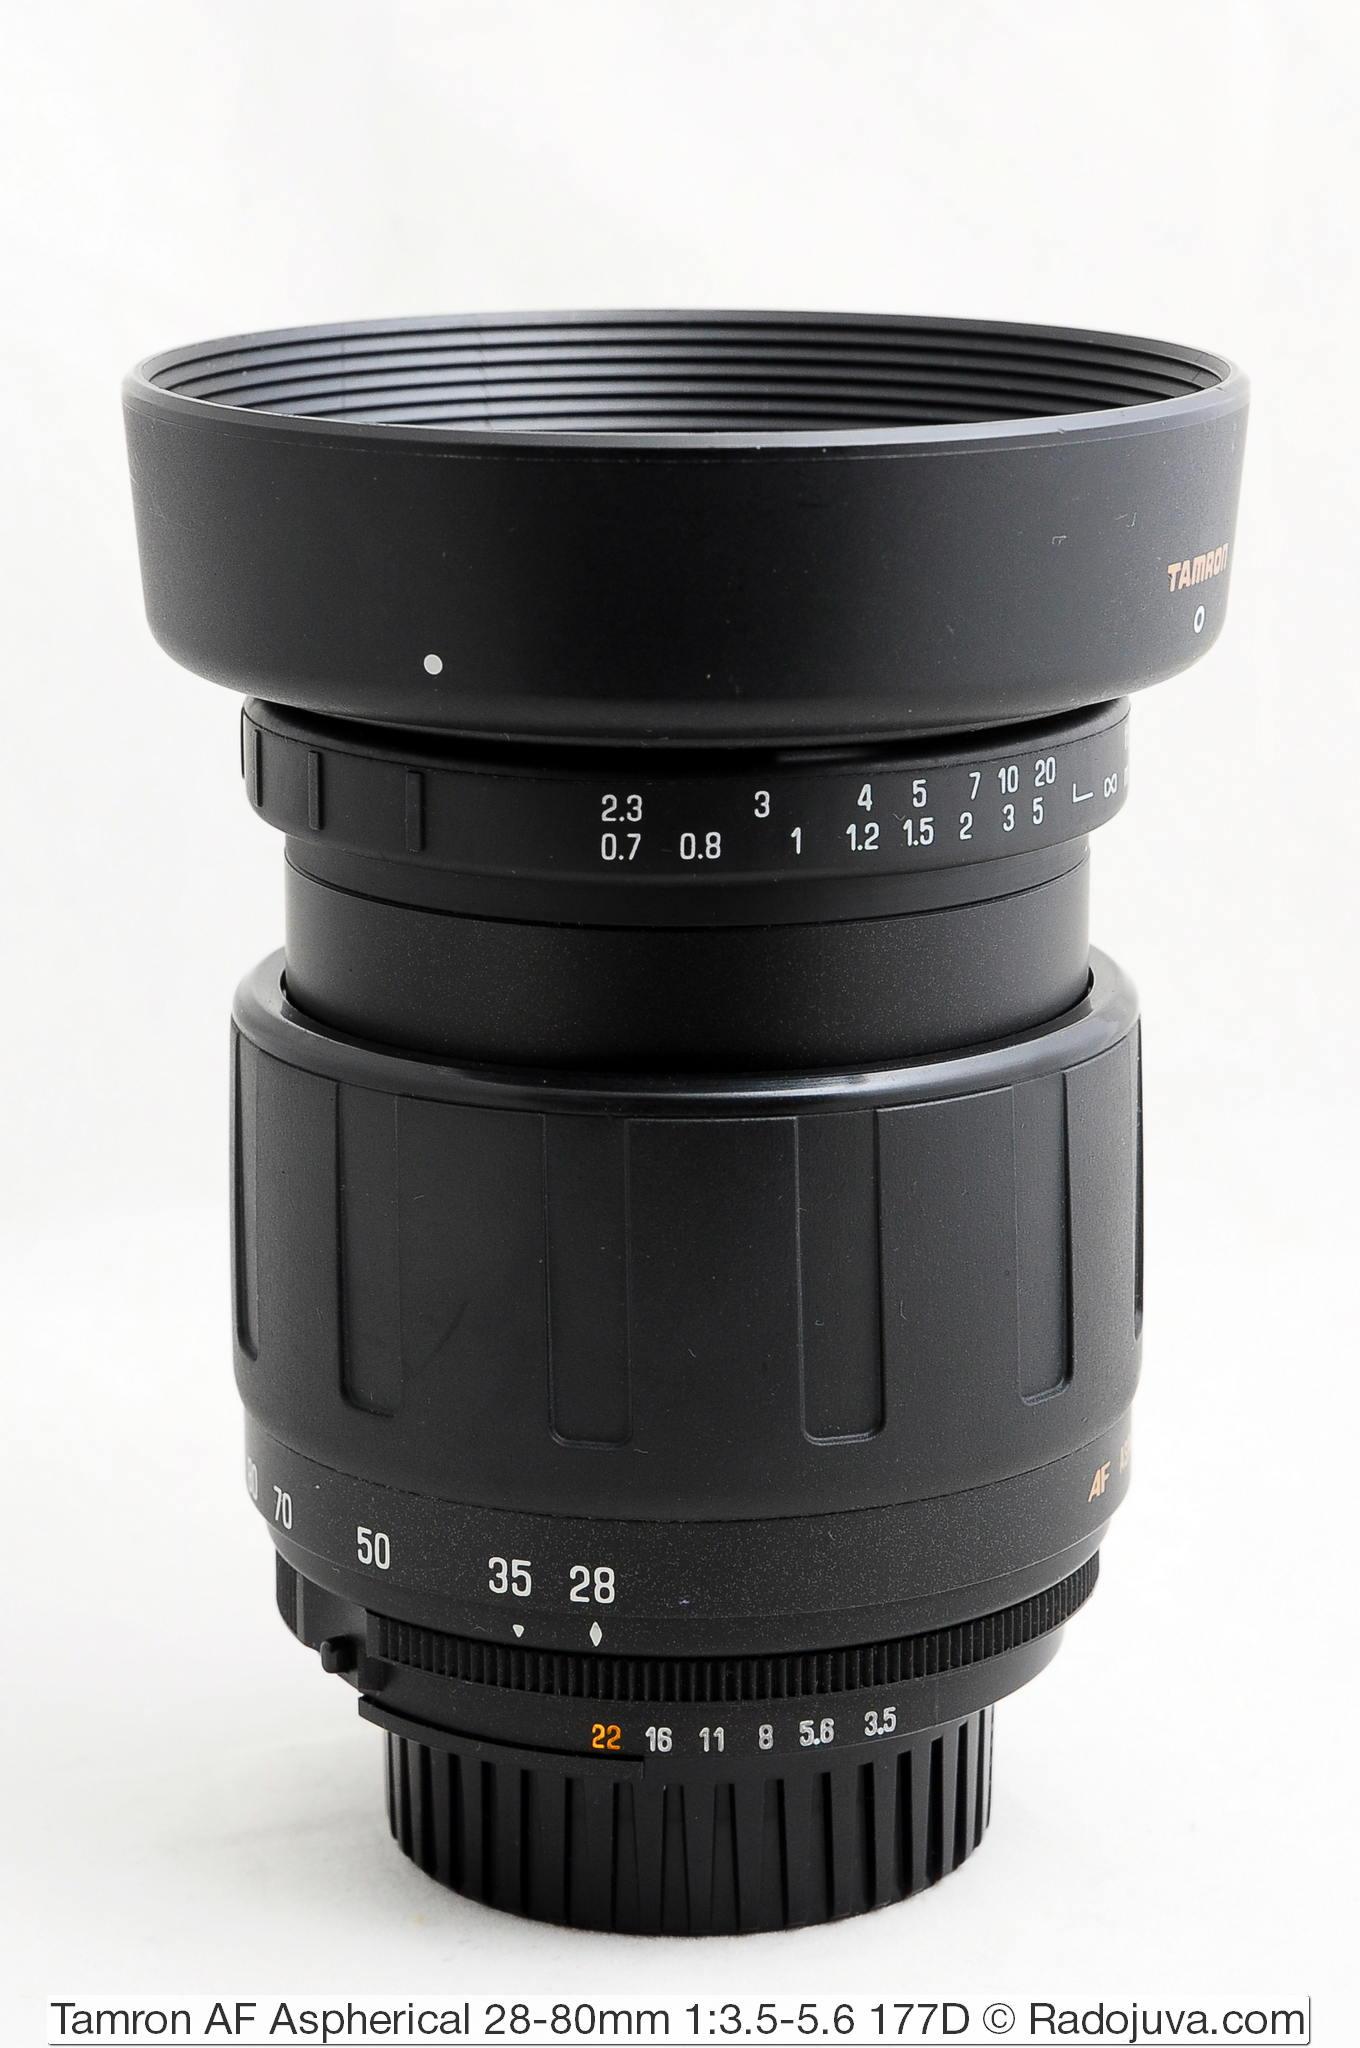 Tamron AF Aspherical 28-80mm 1:3.5-5.6 177D